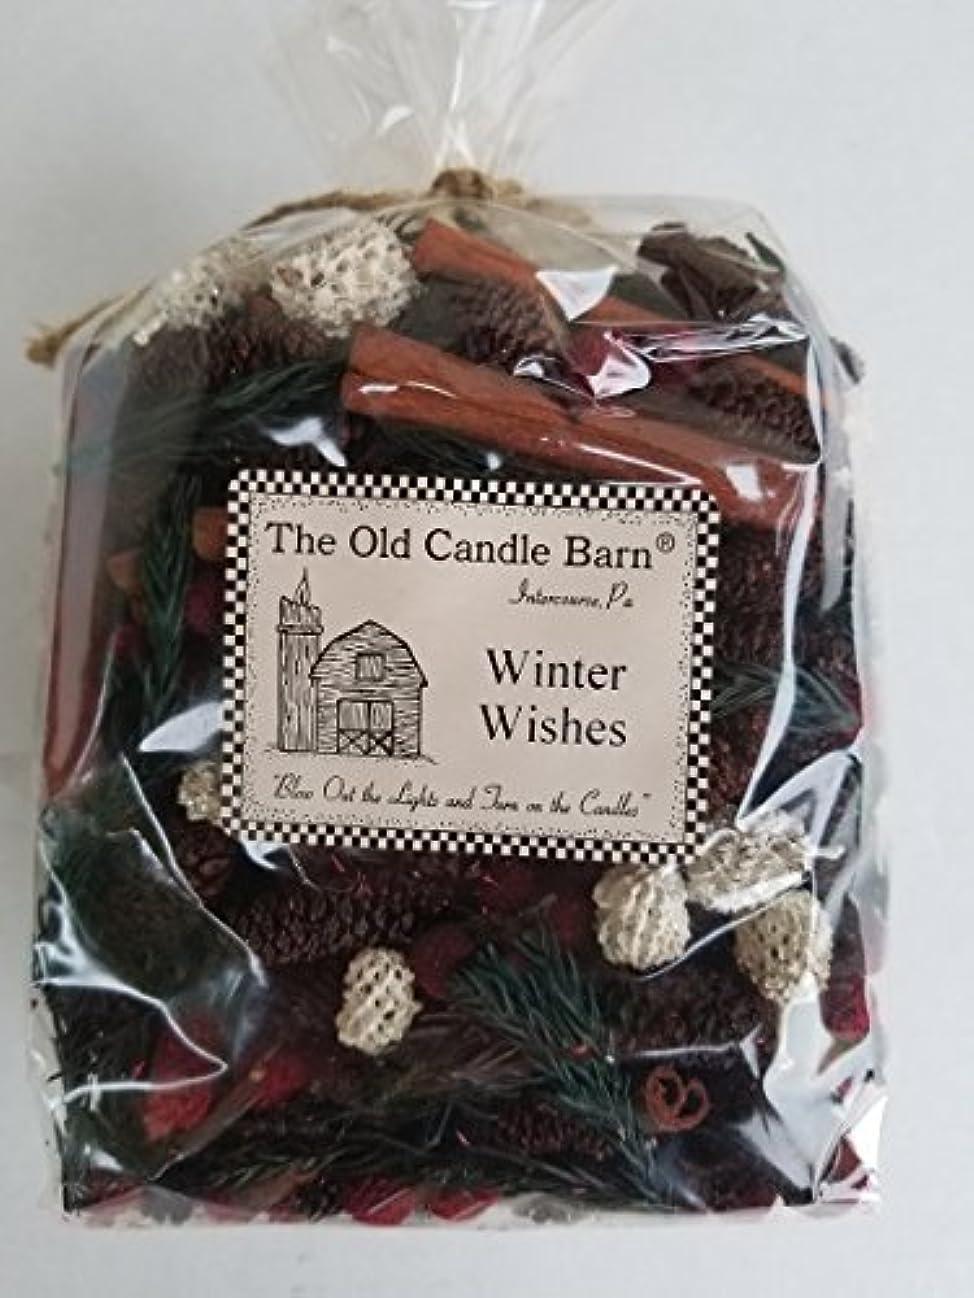 小麦粉締める誰かWinter Wishes Potpourri Largeバッグ – またはな冬やクリスマス装飾ボウルフィラー – Well香りつきとMade in the USA